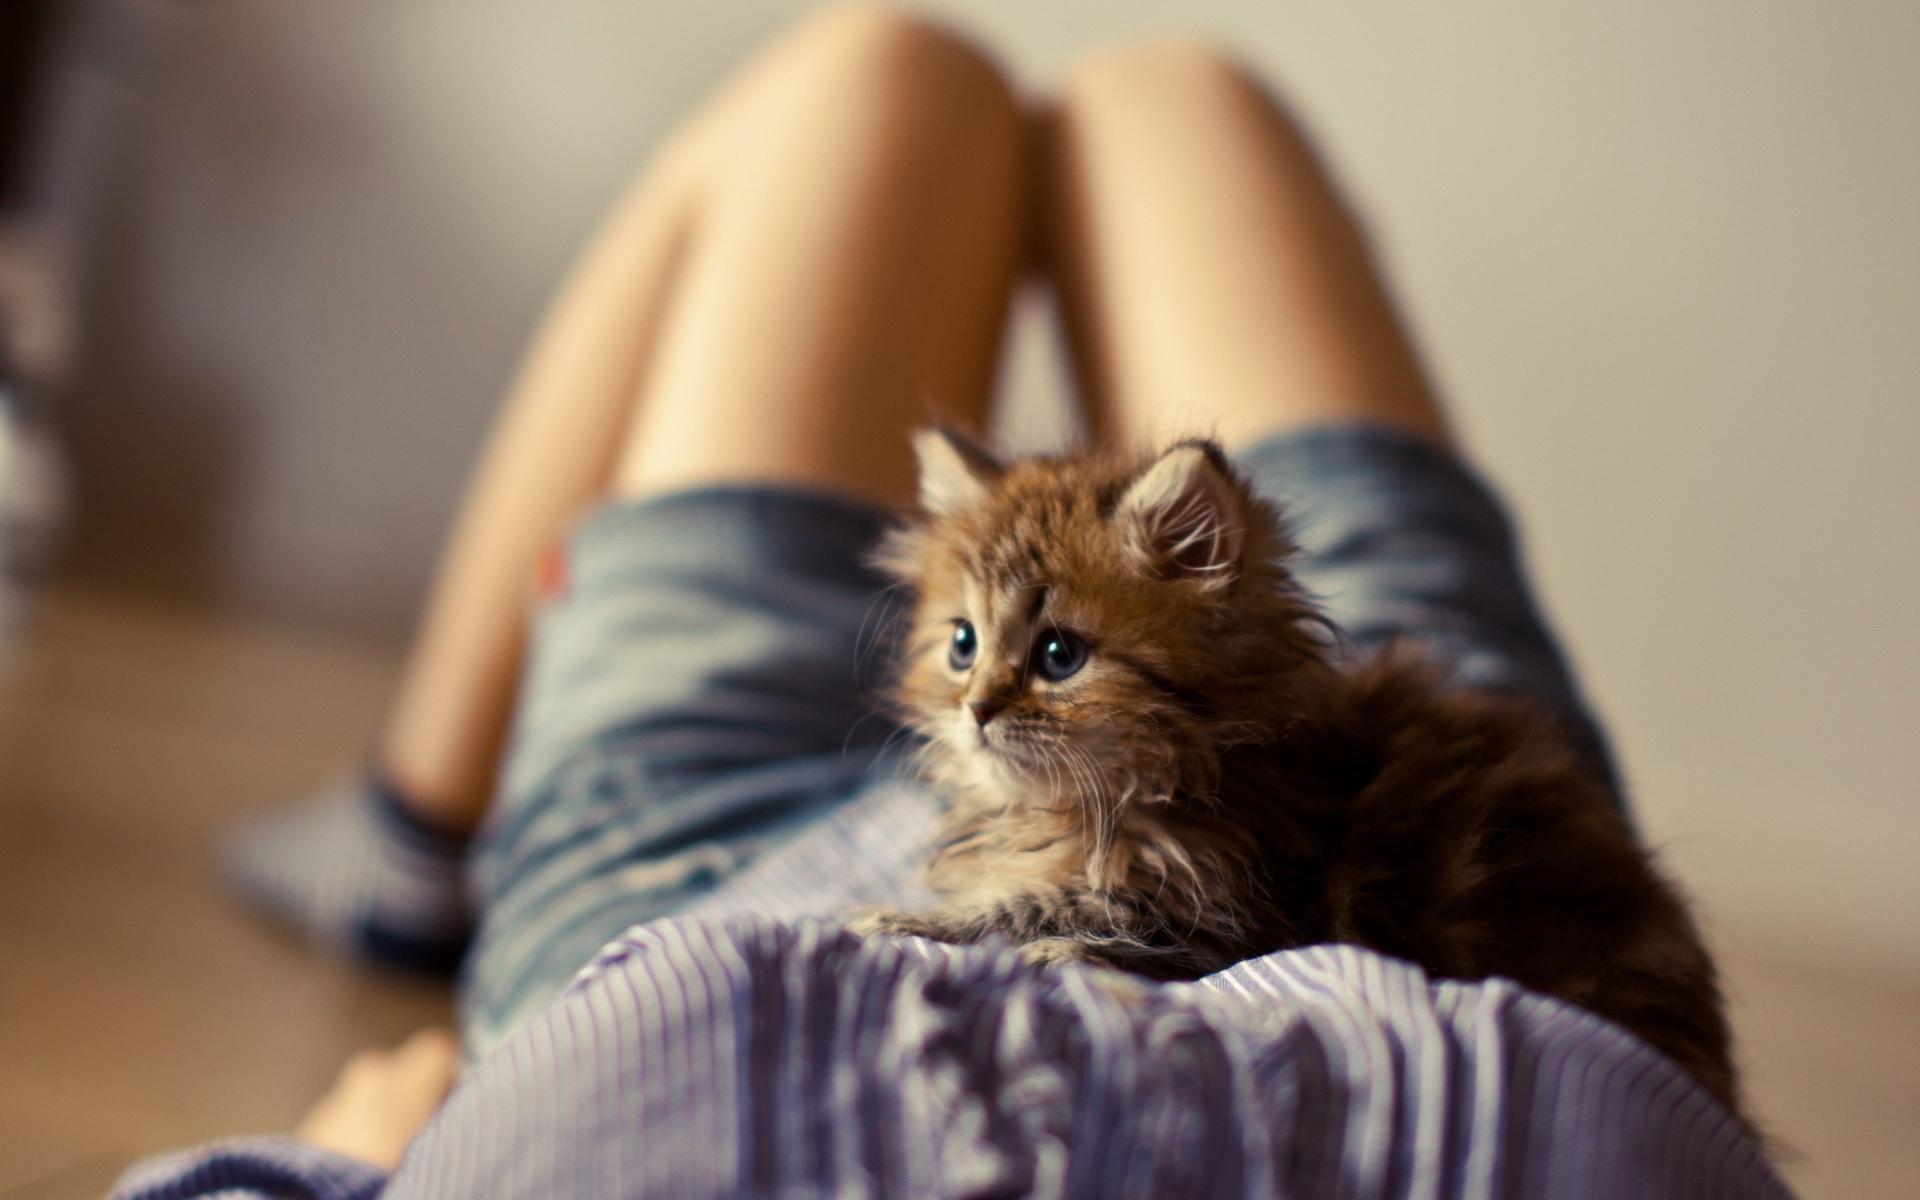 Котенок на плече  № 1126874 загрузить